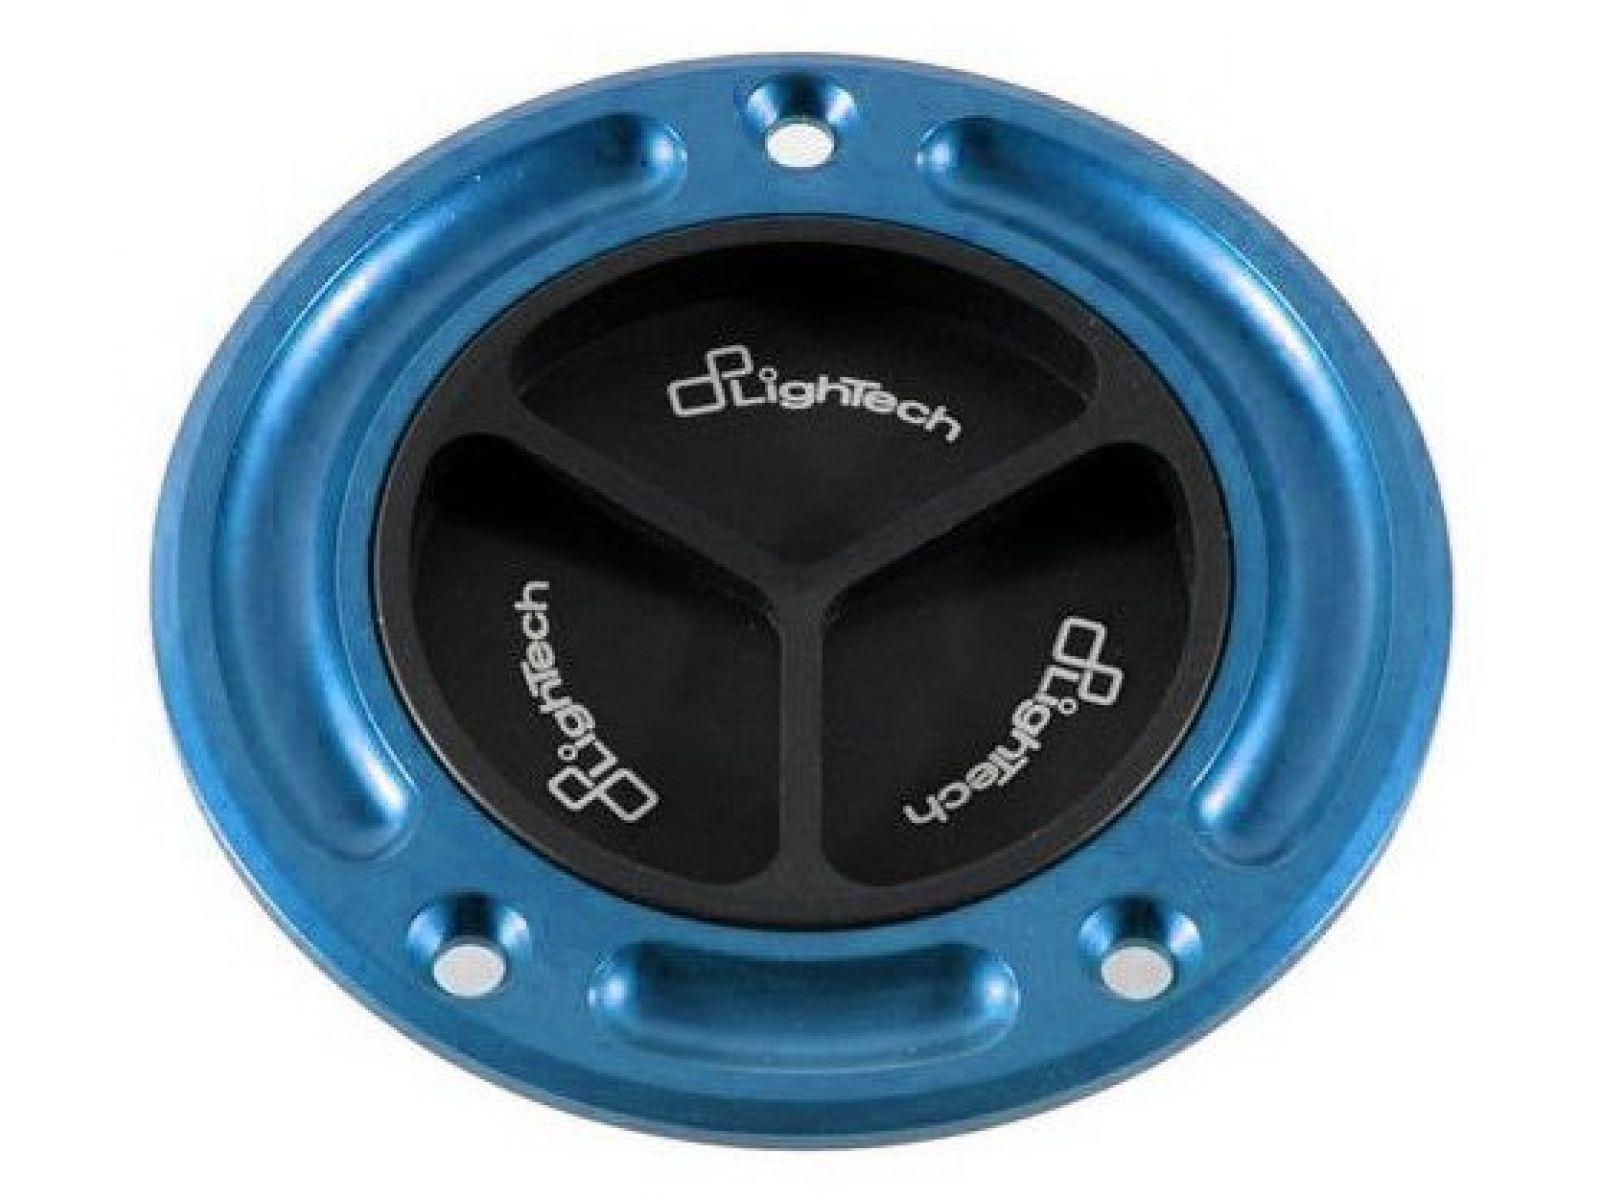 Крышка бензобака Lightech для BMW S1000RR 09-15, S1000R 14